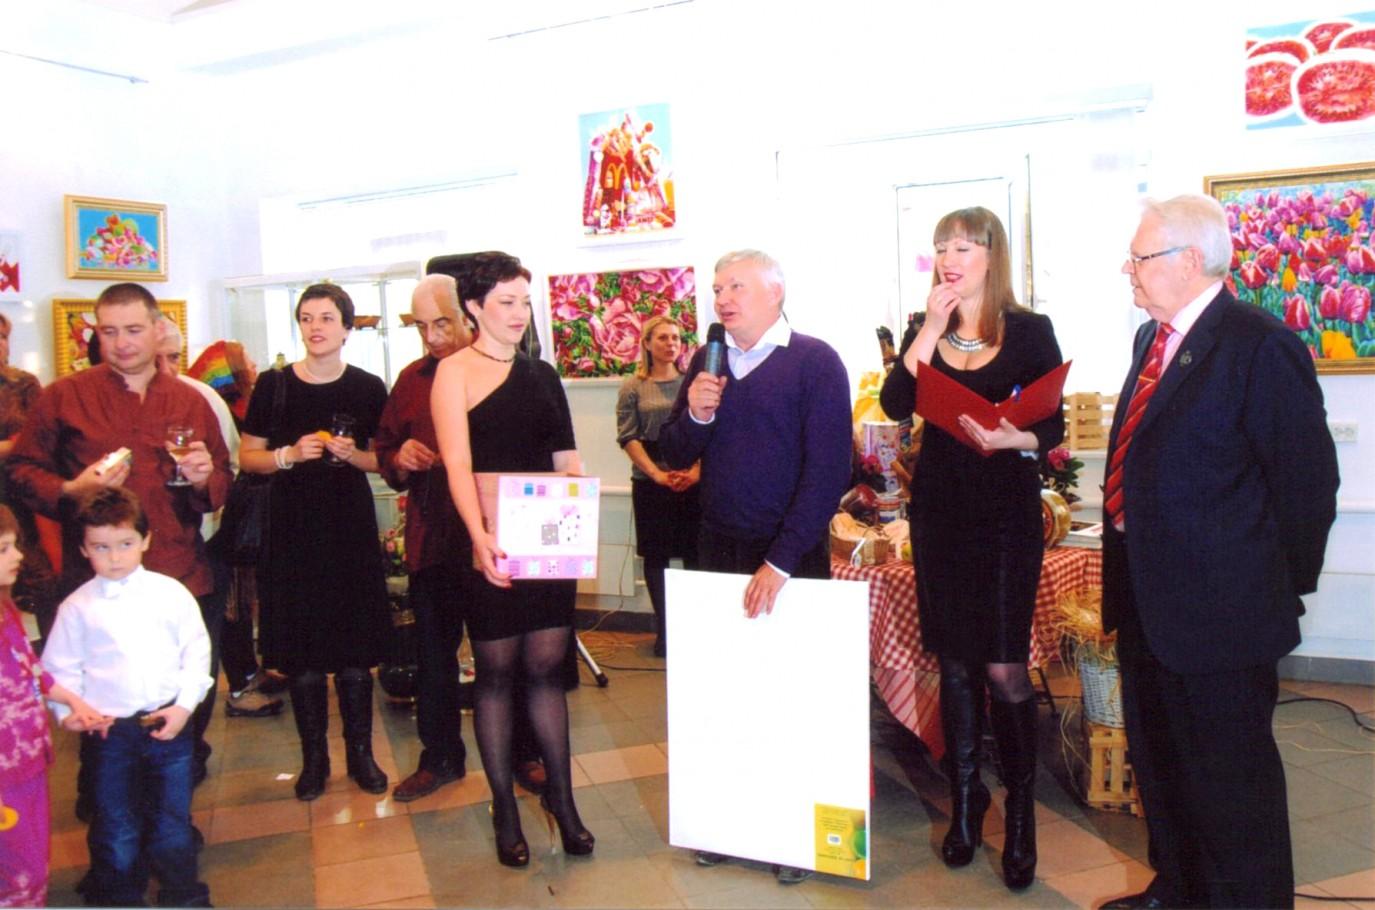 Председатель С.Х. Самары Иван Мельников вручает подарок от Союза Художников самары